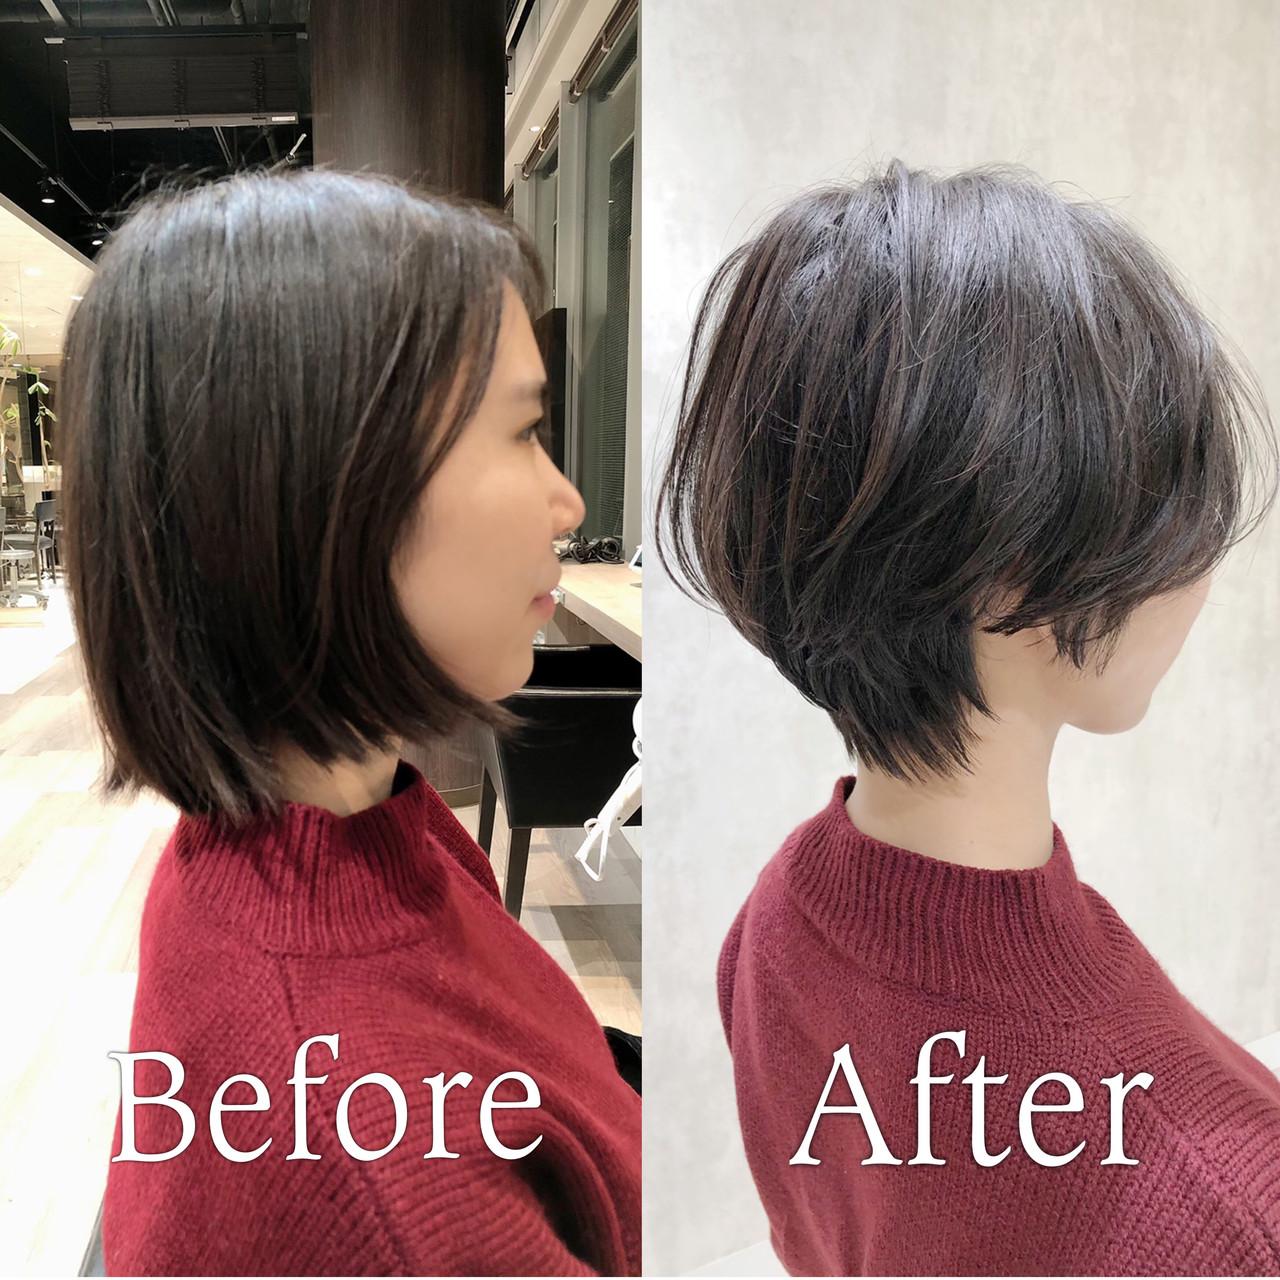 ナチュラル インナーカラー ショートボブ ショートヘア ヘアスタイルや髪型の写真・画像 | 金田 尚之 / k-two  青山